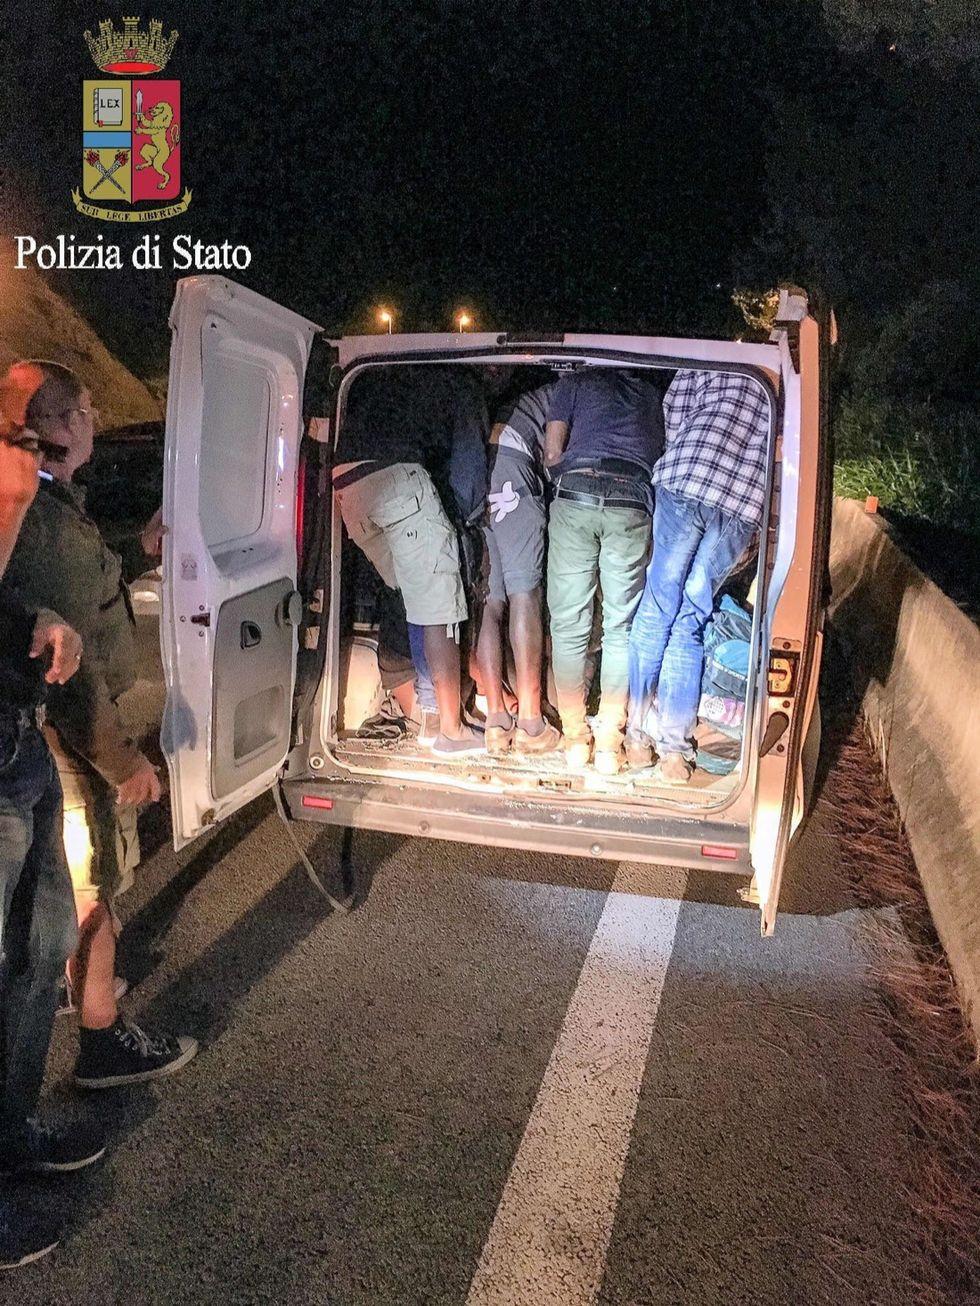 Traffico migranti: sgominata banda che trasportava anche 40 persone in un furgone